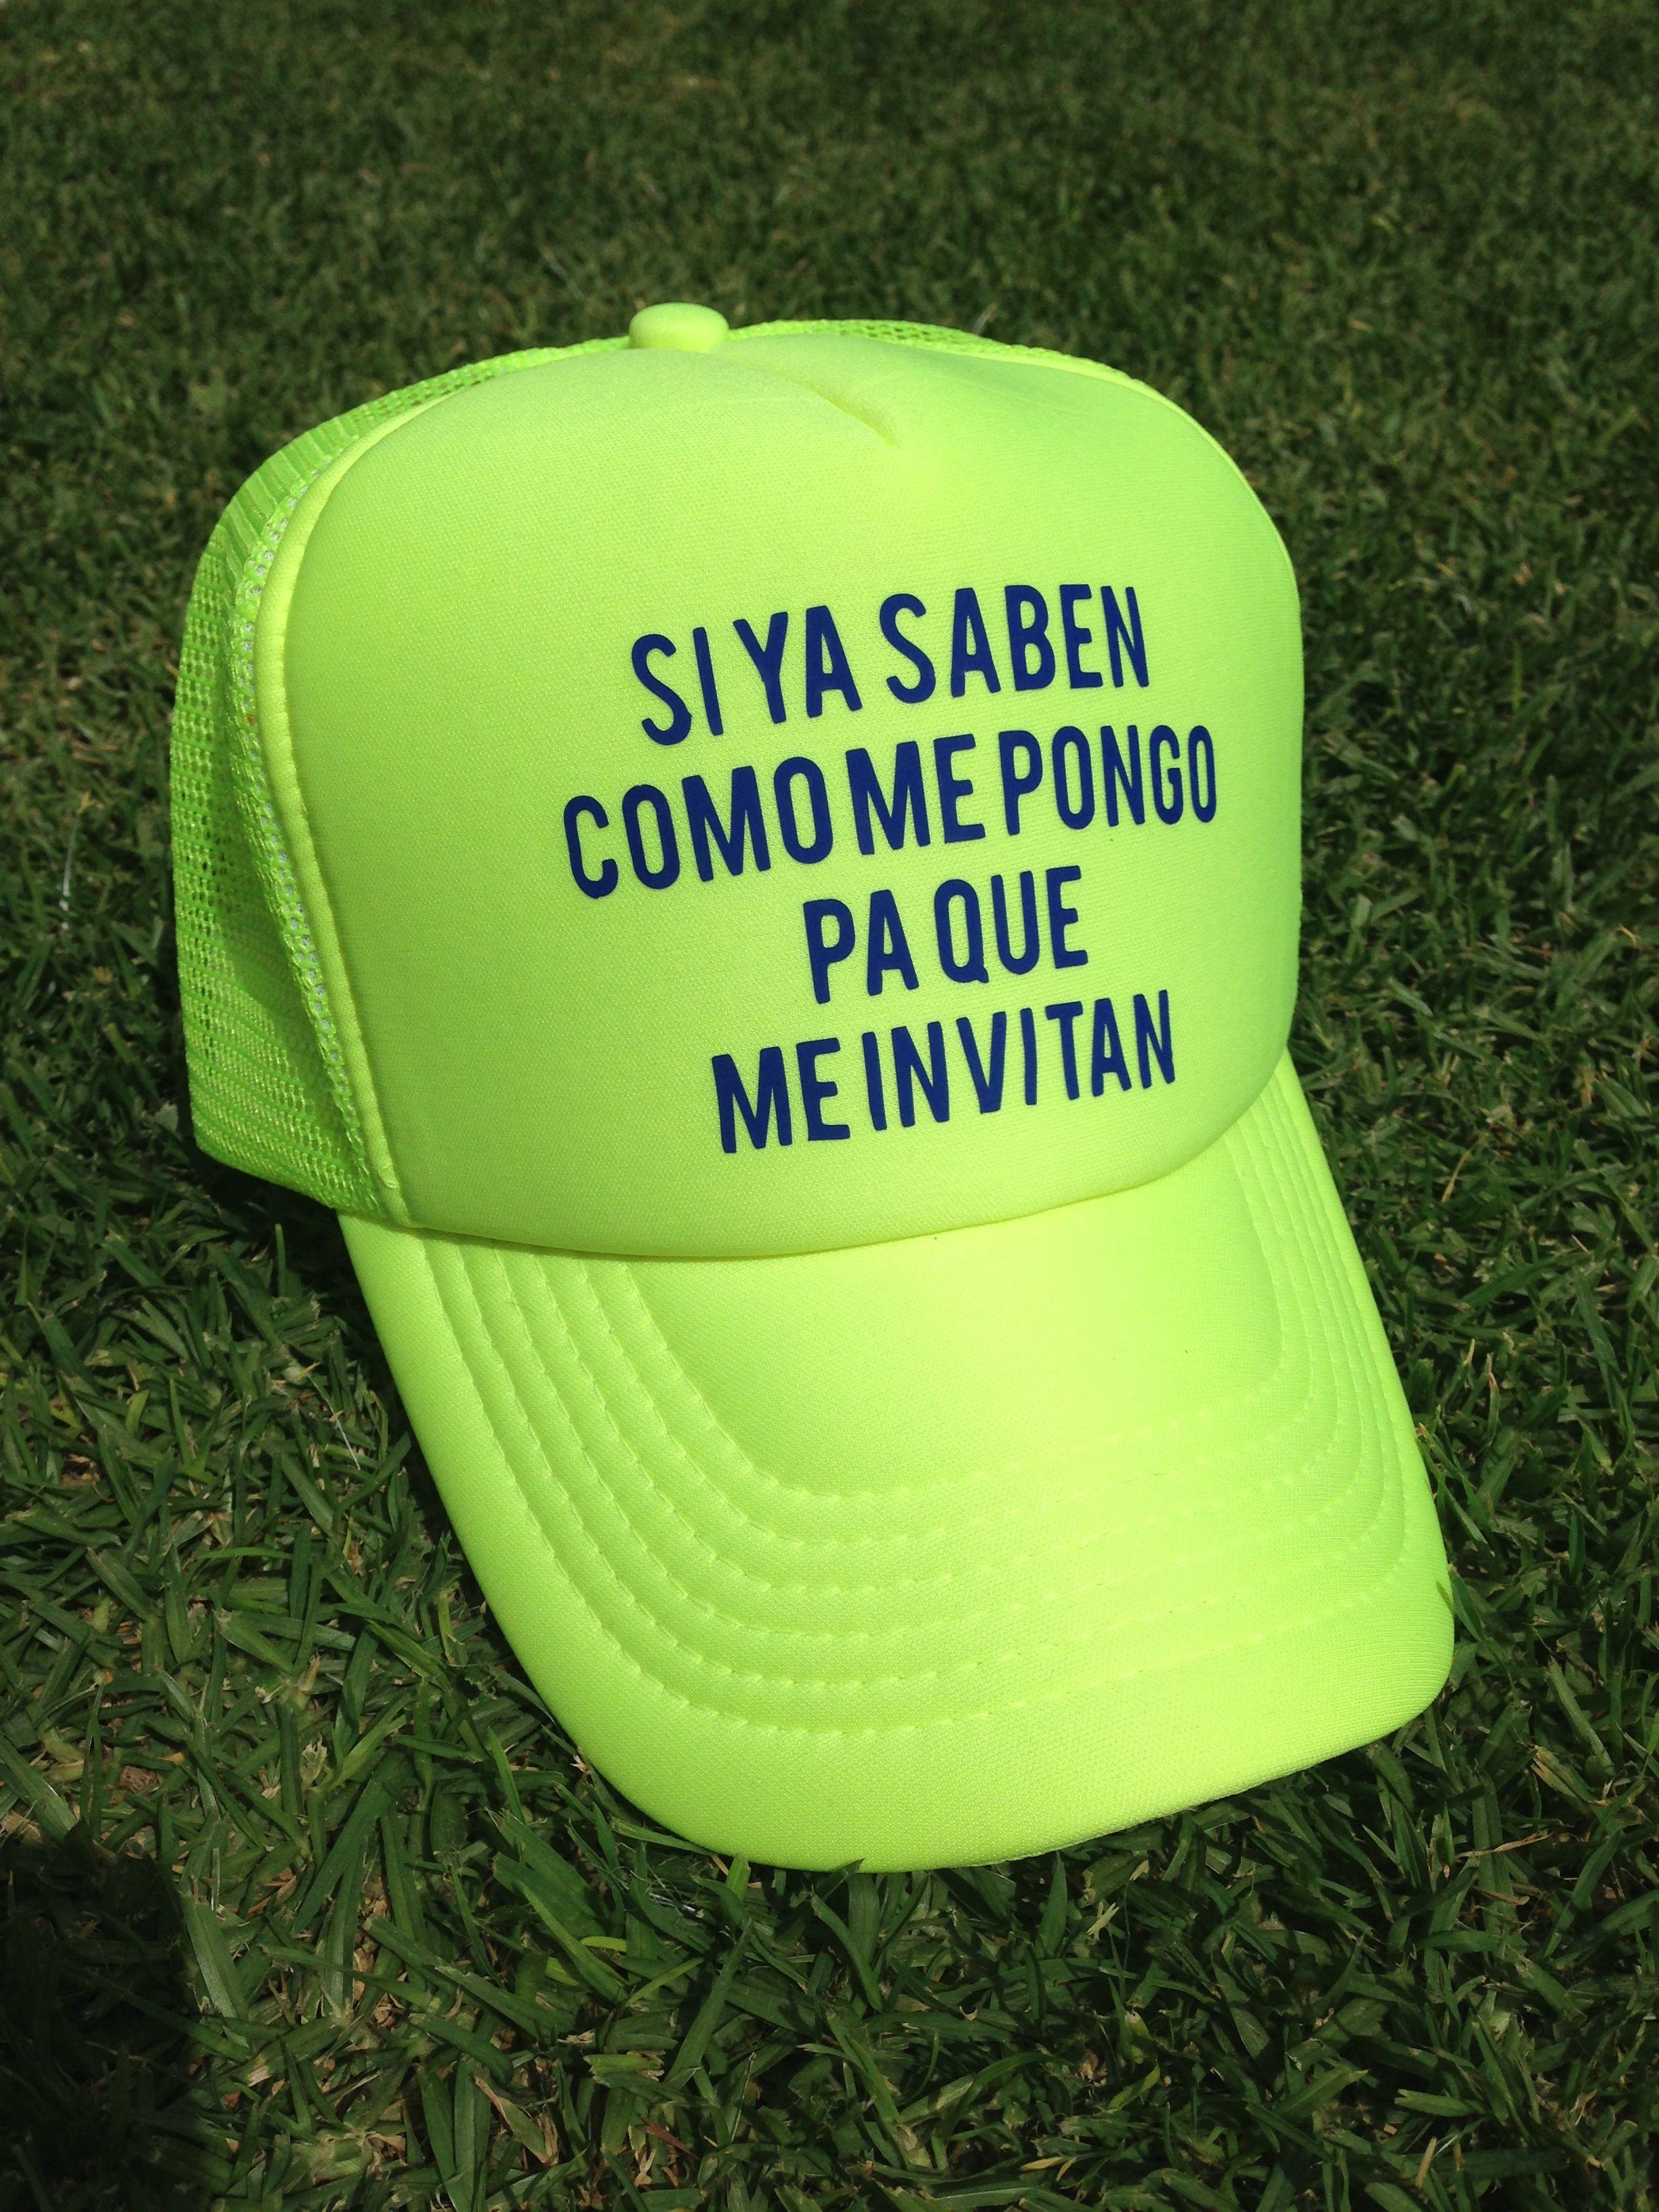 56eed7743266f SI YA SABEN COMO ME PONGO PARA QUE ME INVITAN - TRUCKER CAP BY SANTA  CACHUCHA MEXICO